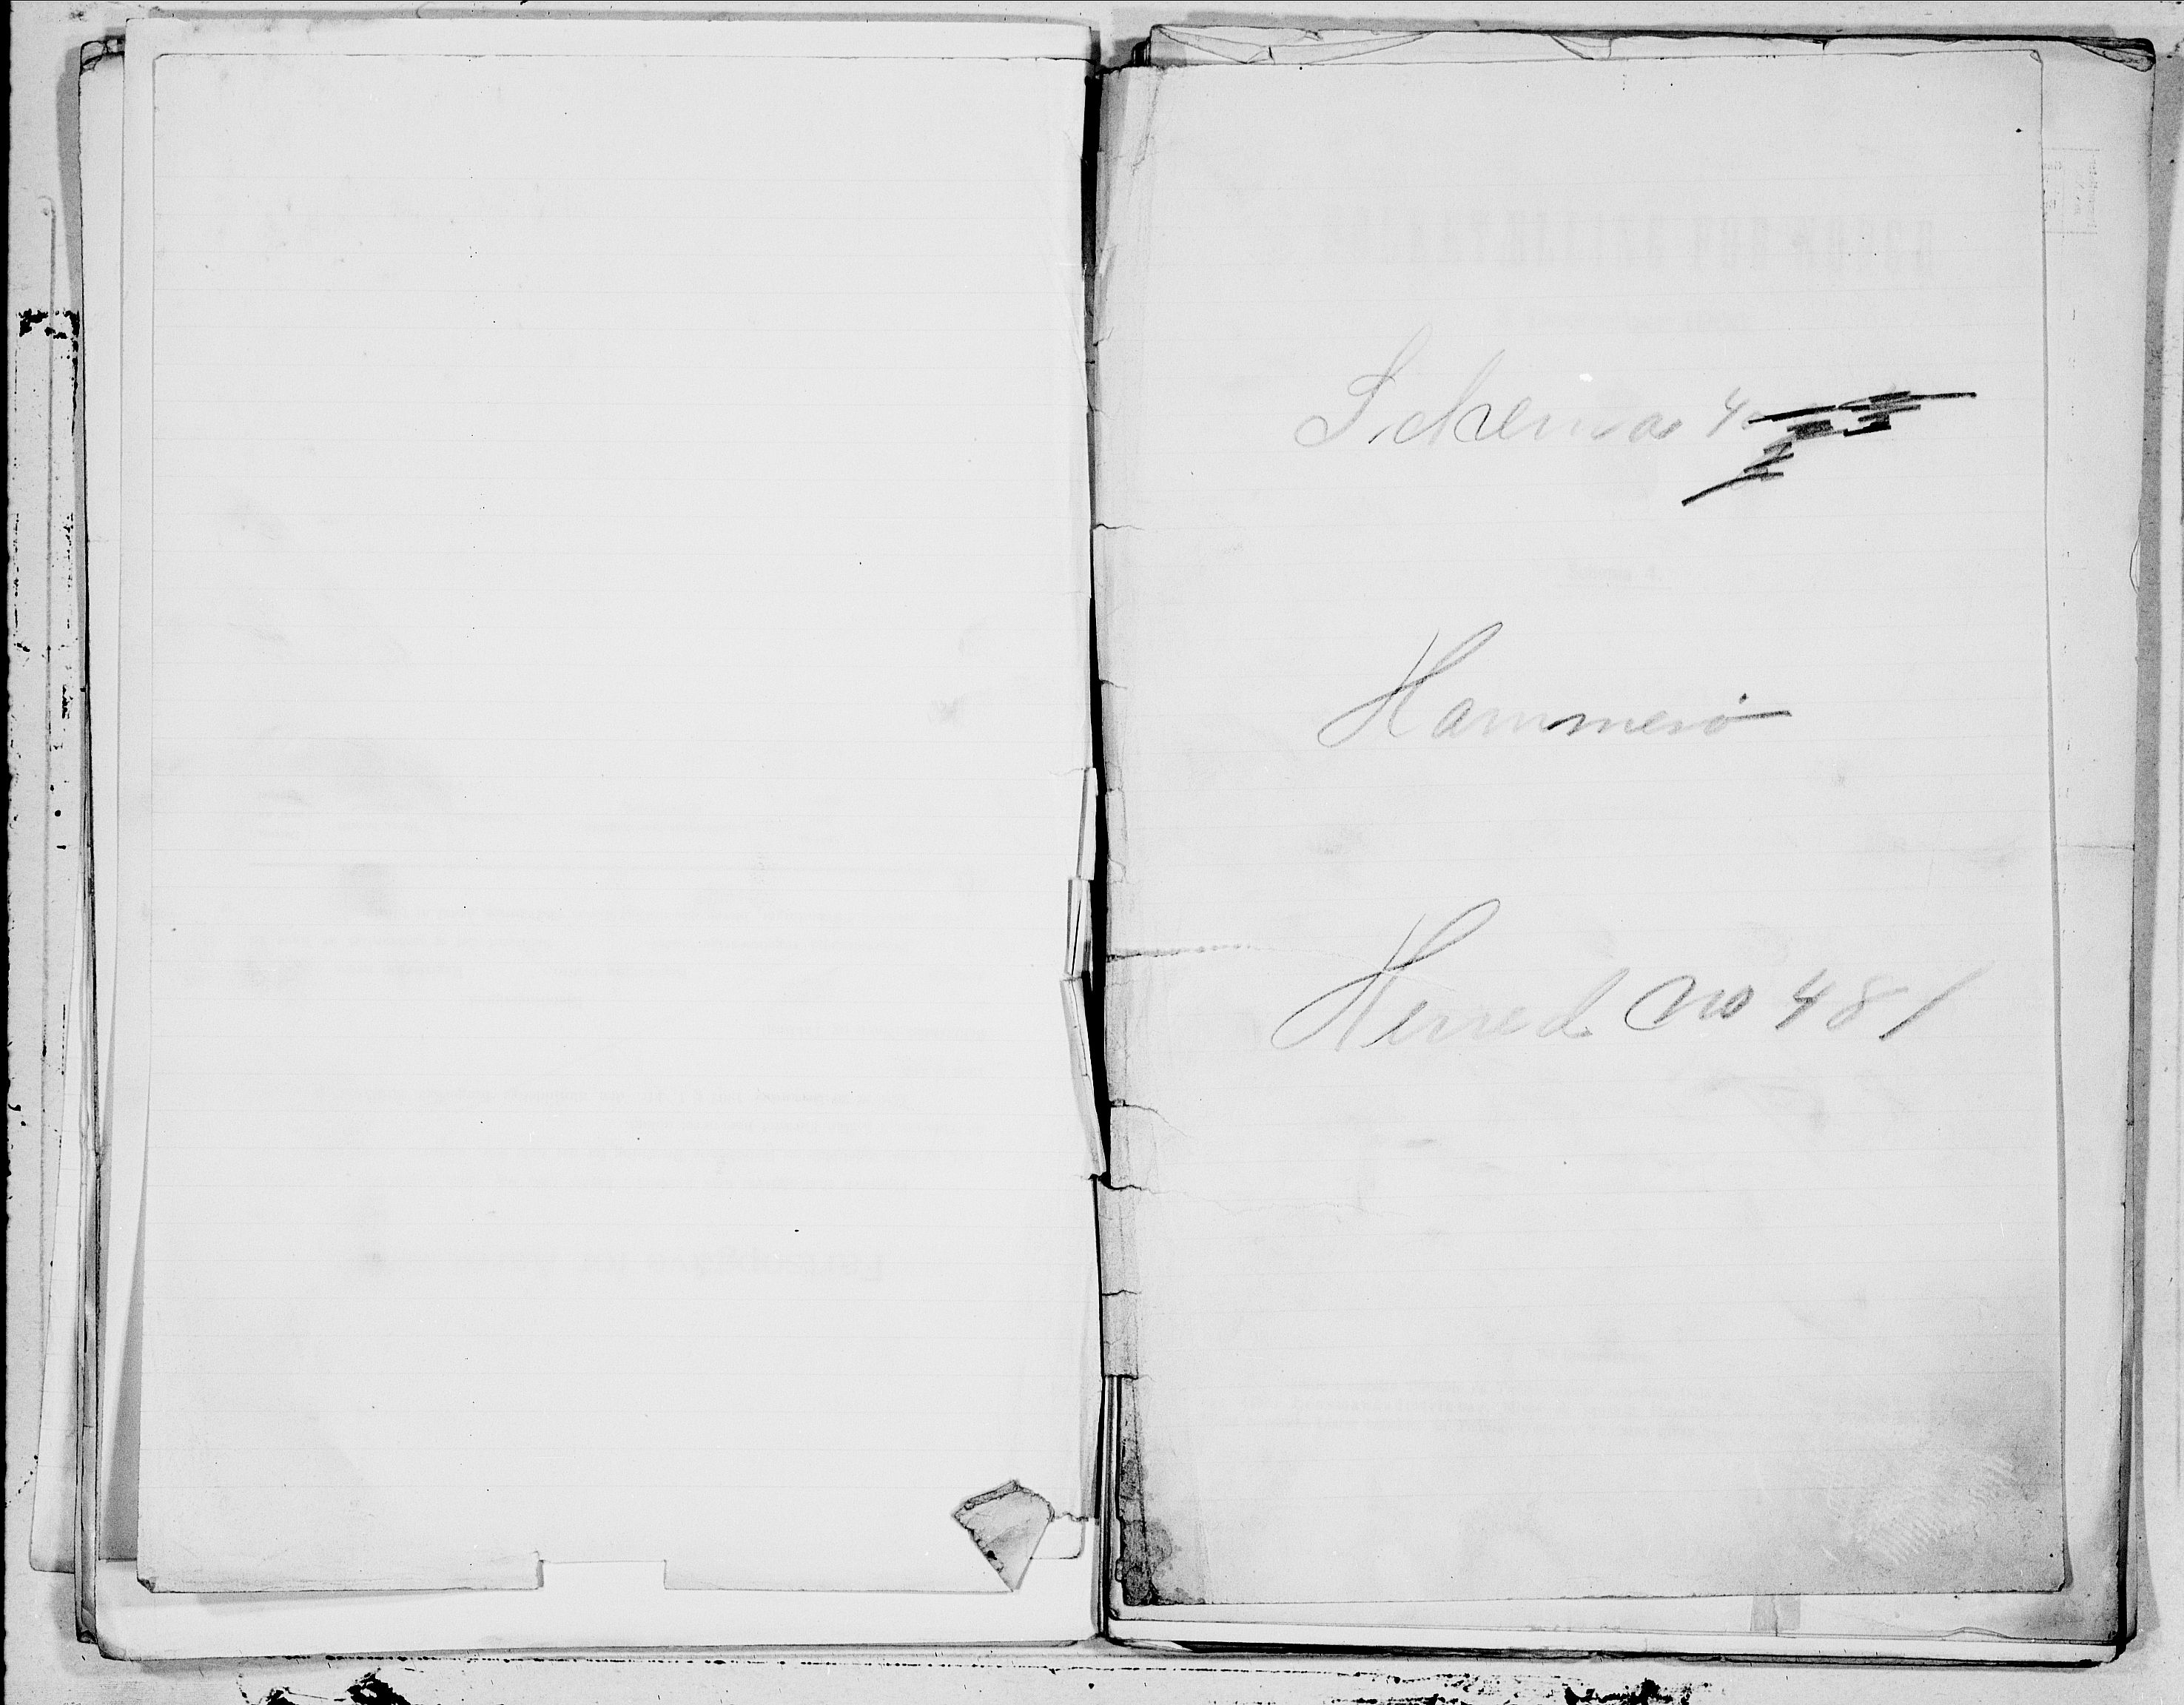 SAT, Folketelling 1900 for 1849 Hamarøy herred, 1900, s. 1